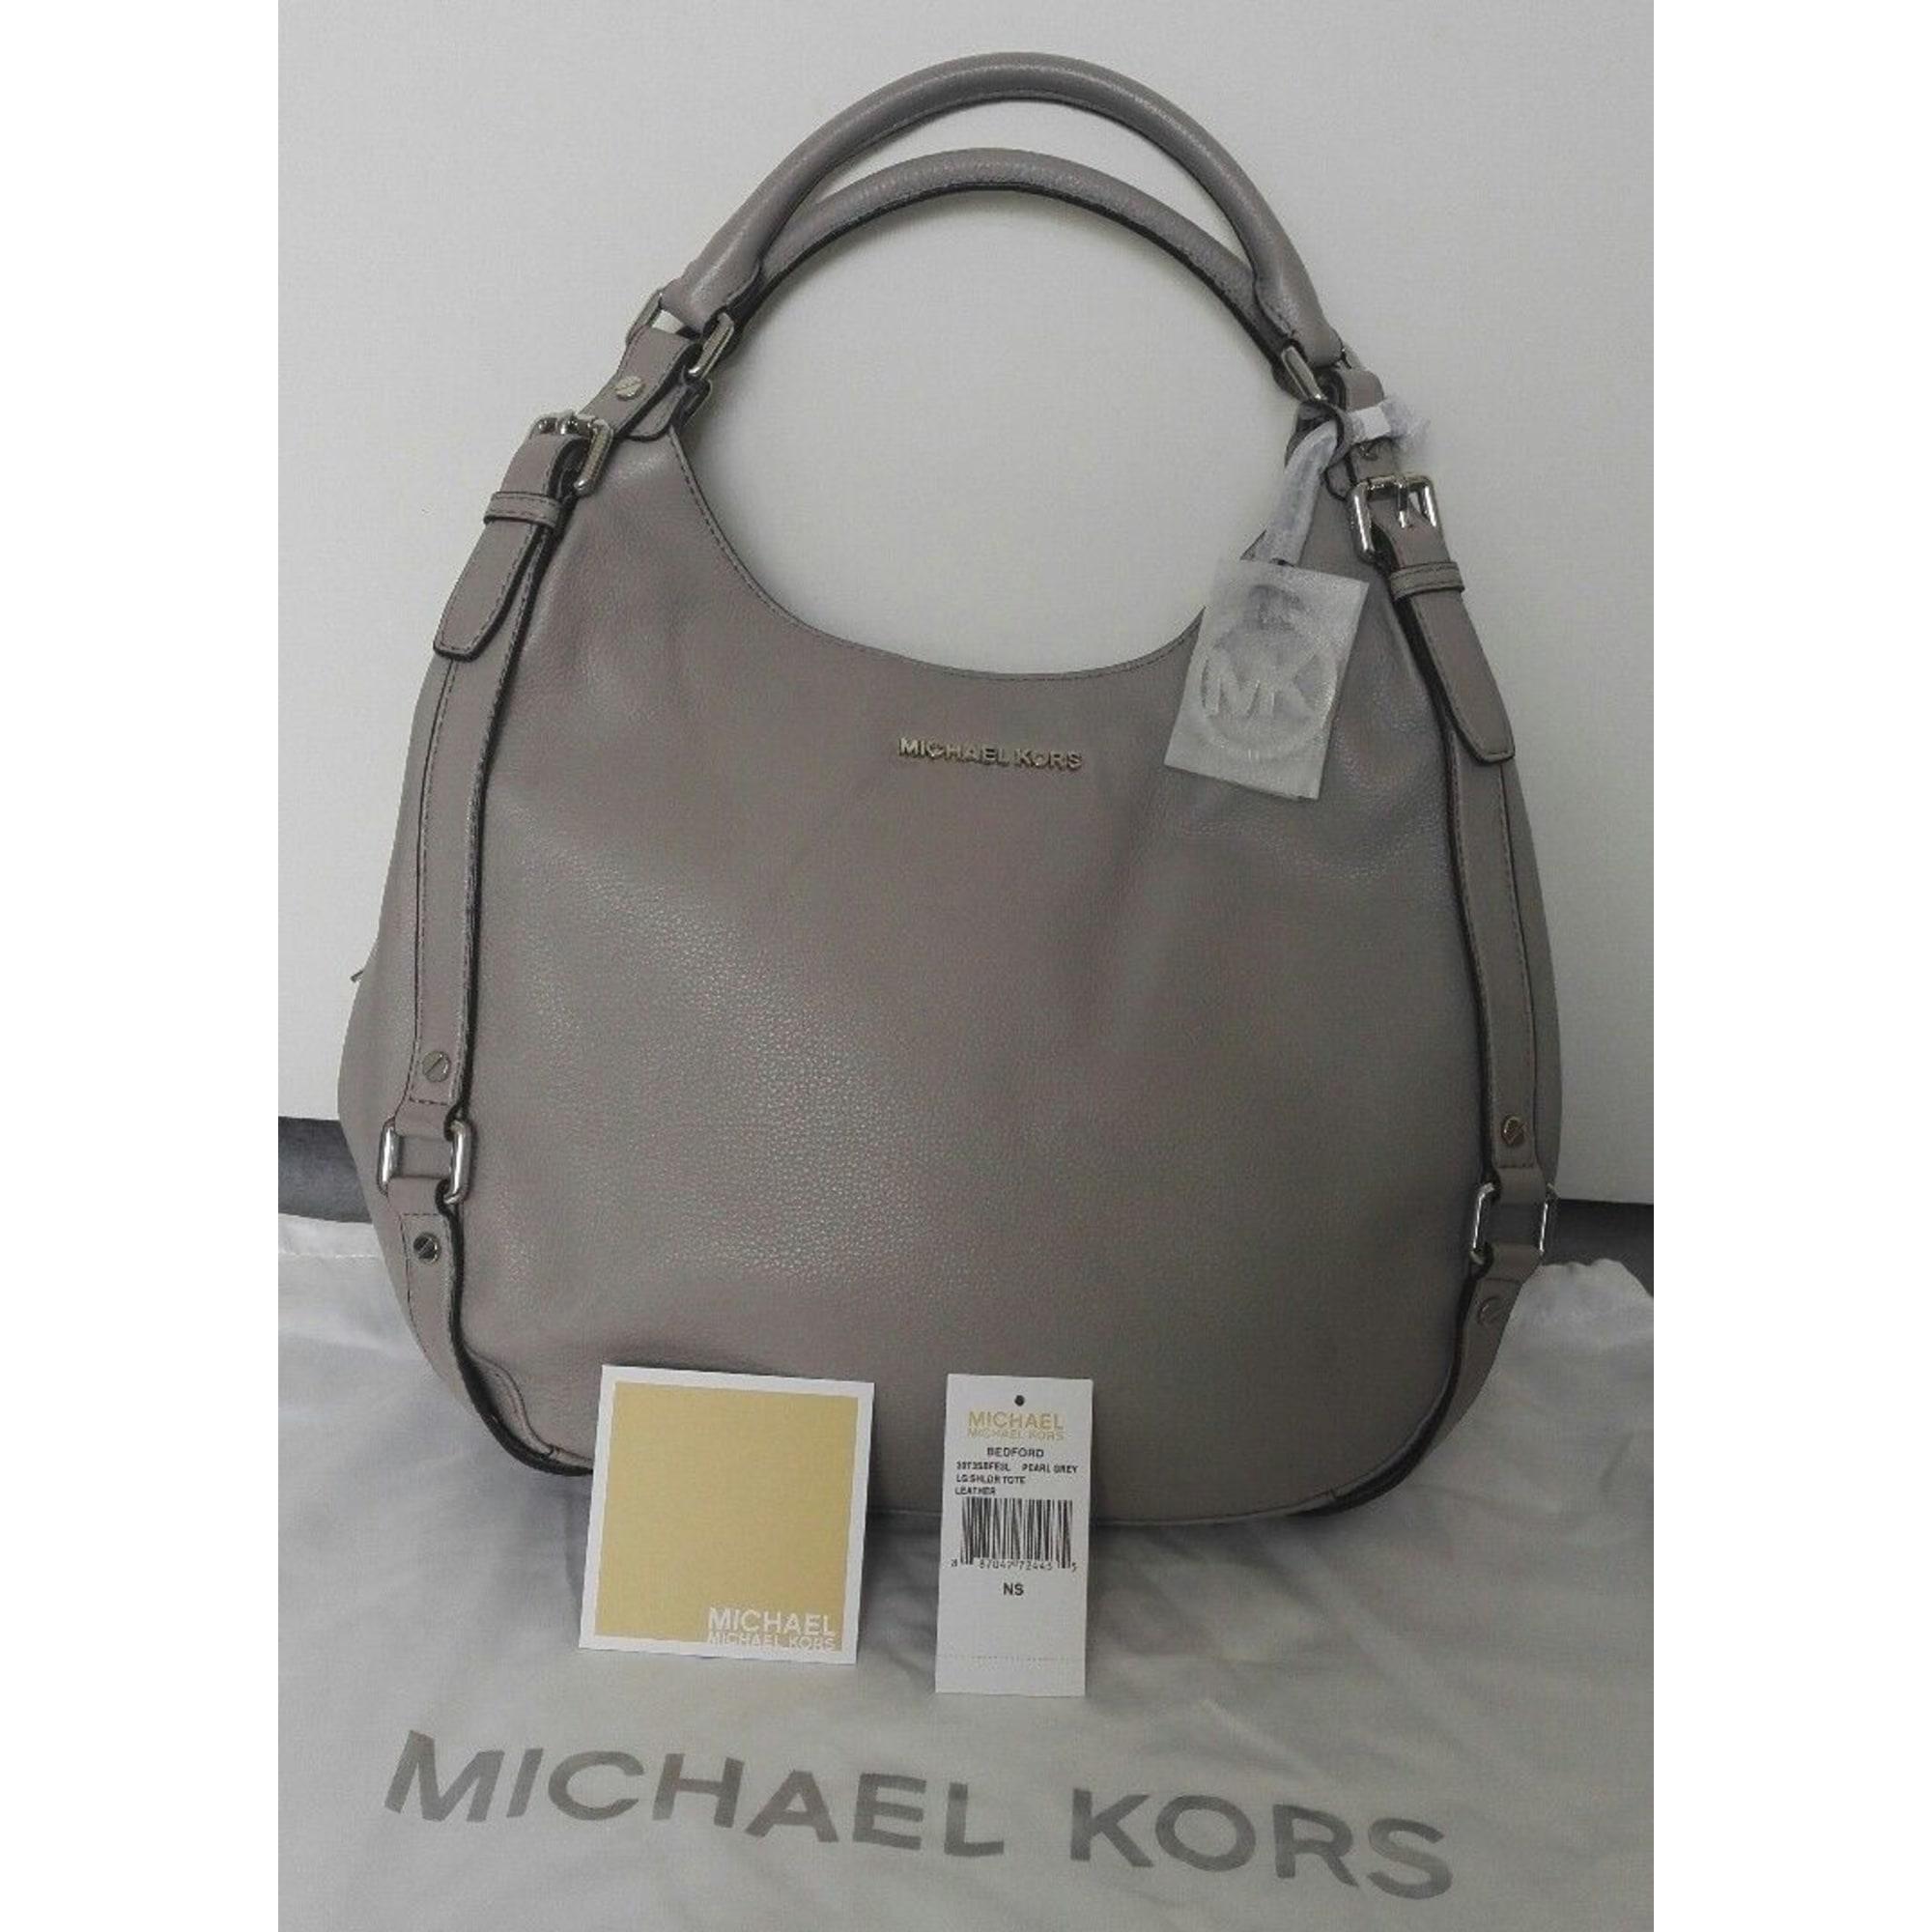 0e799714d18fc Sac à main en cuir MICHAEL KORS gris - 6685338